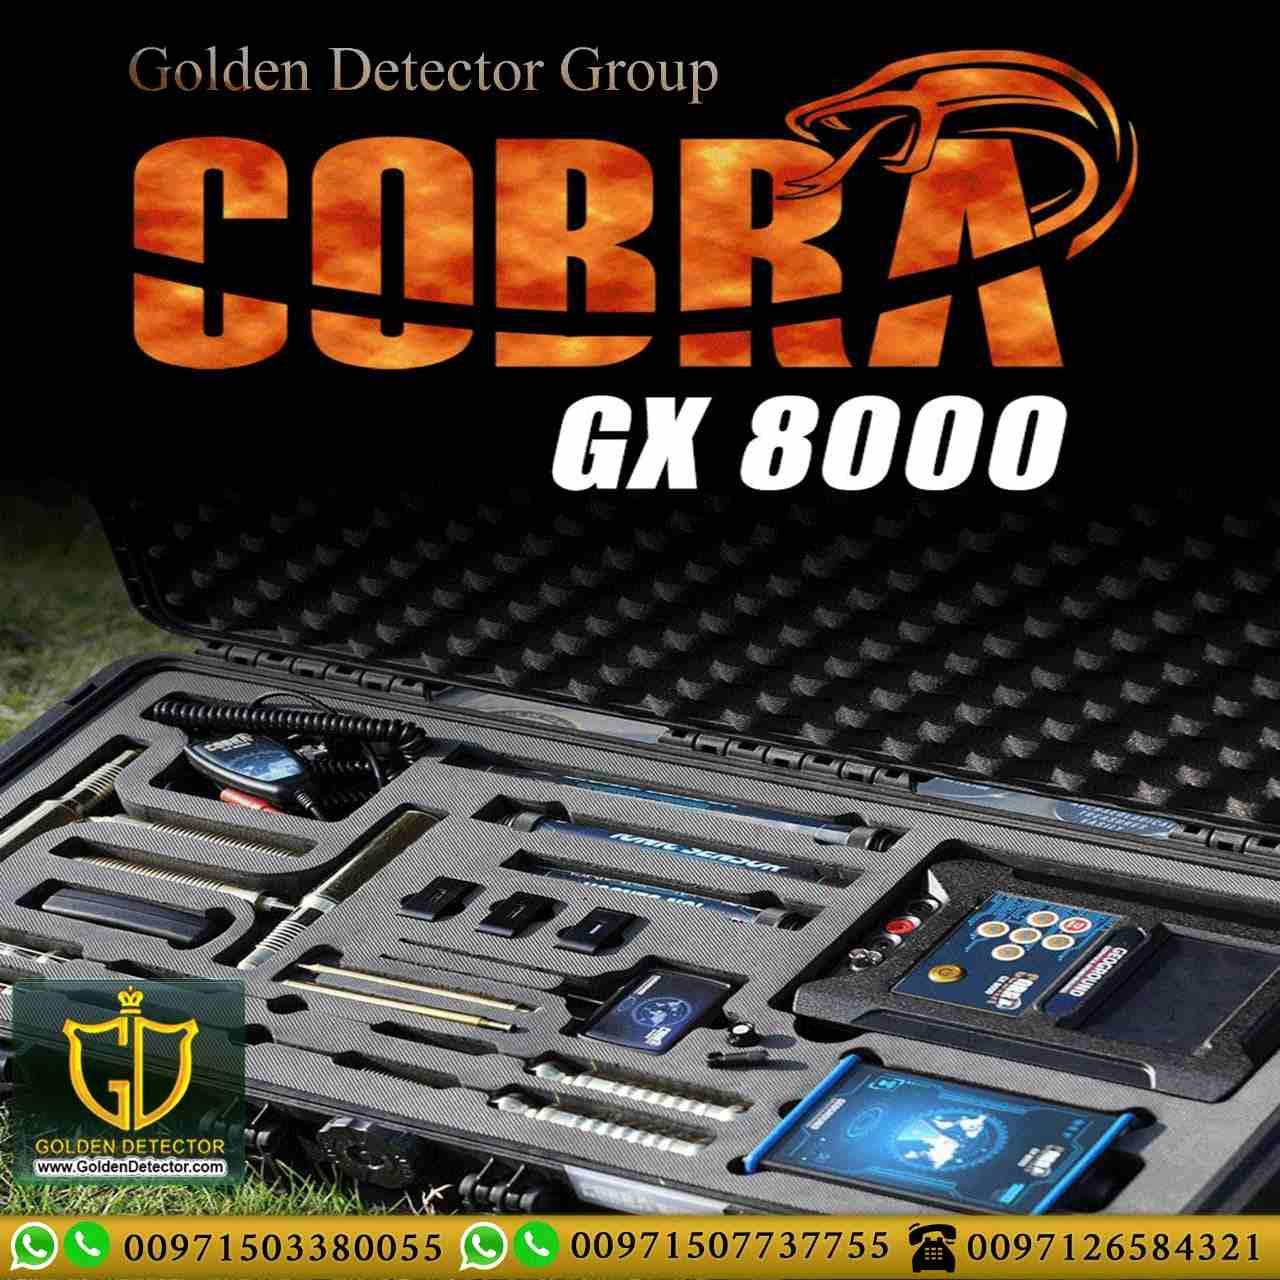 احدث اجهزة كشف الذهب 2020جهاز كوبرا جي اكس 8000New gold detector 2020 Cobra gx 8000شركة جولد ماستر تقدم لكم �-  NEW METAL DETECTOR 2020...